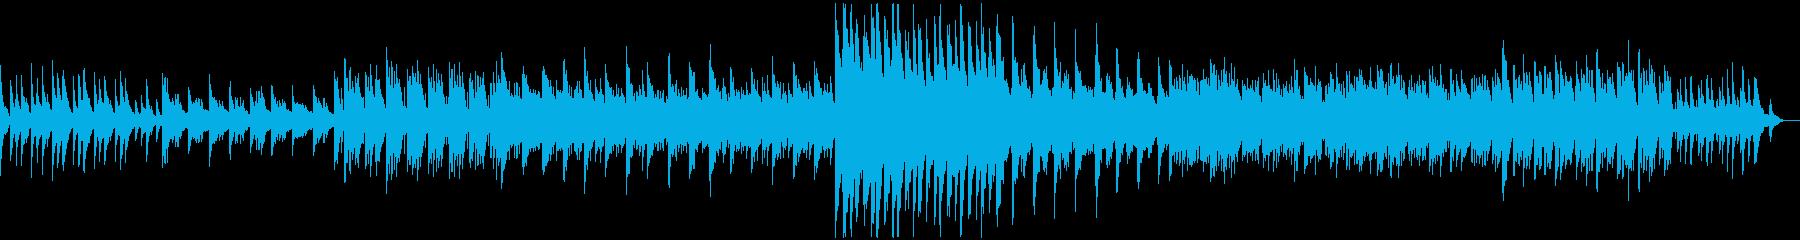 ちょっぴり悲しい系のピアノソロの再生済みの波形